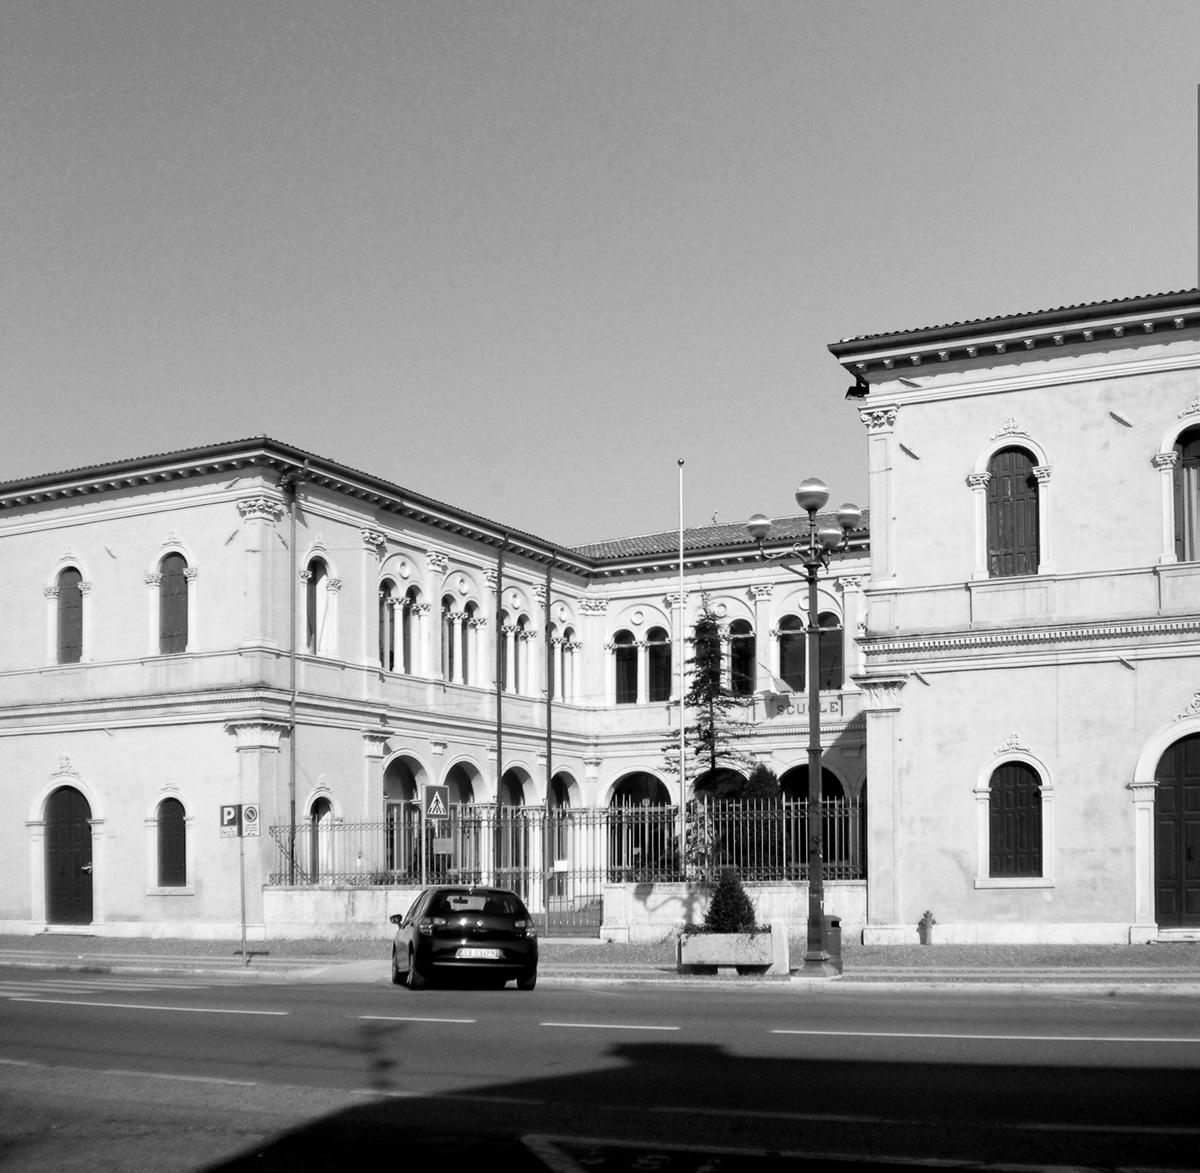 Scuole Bellotti - Adeguamento sismico